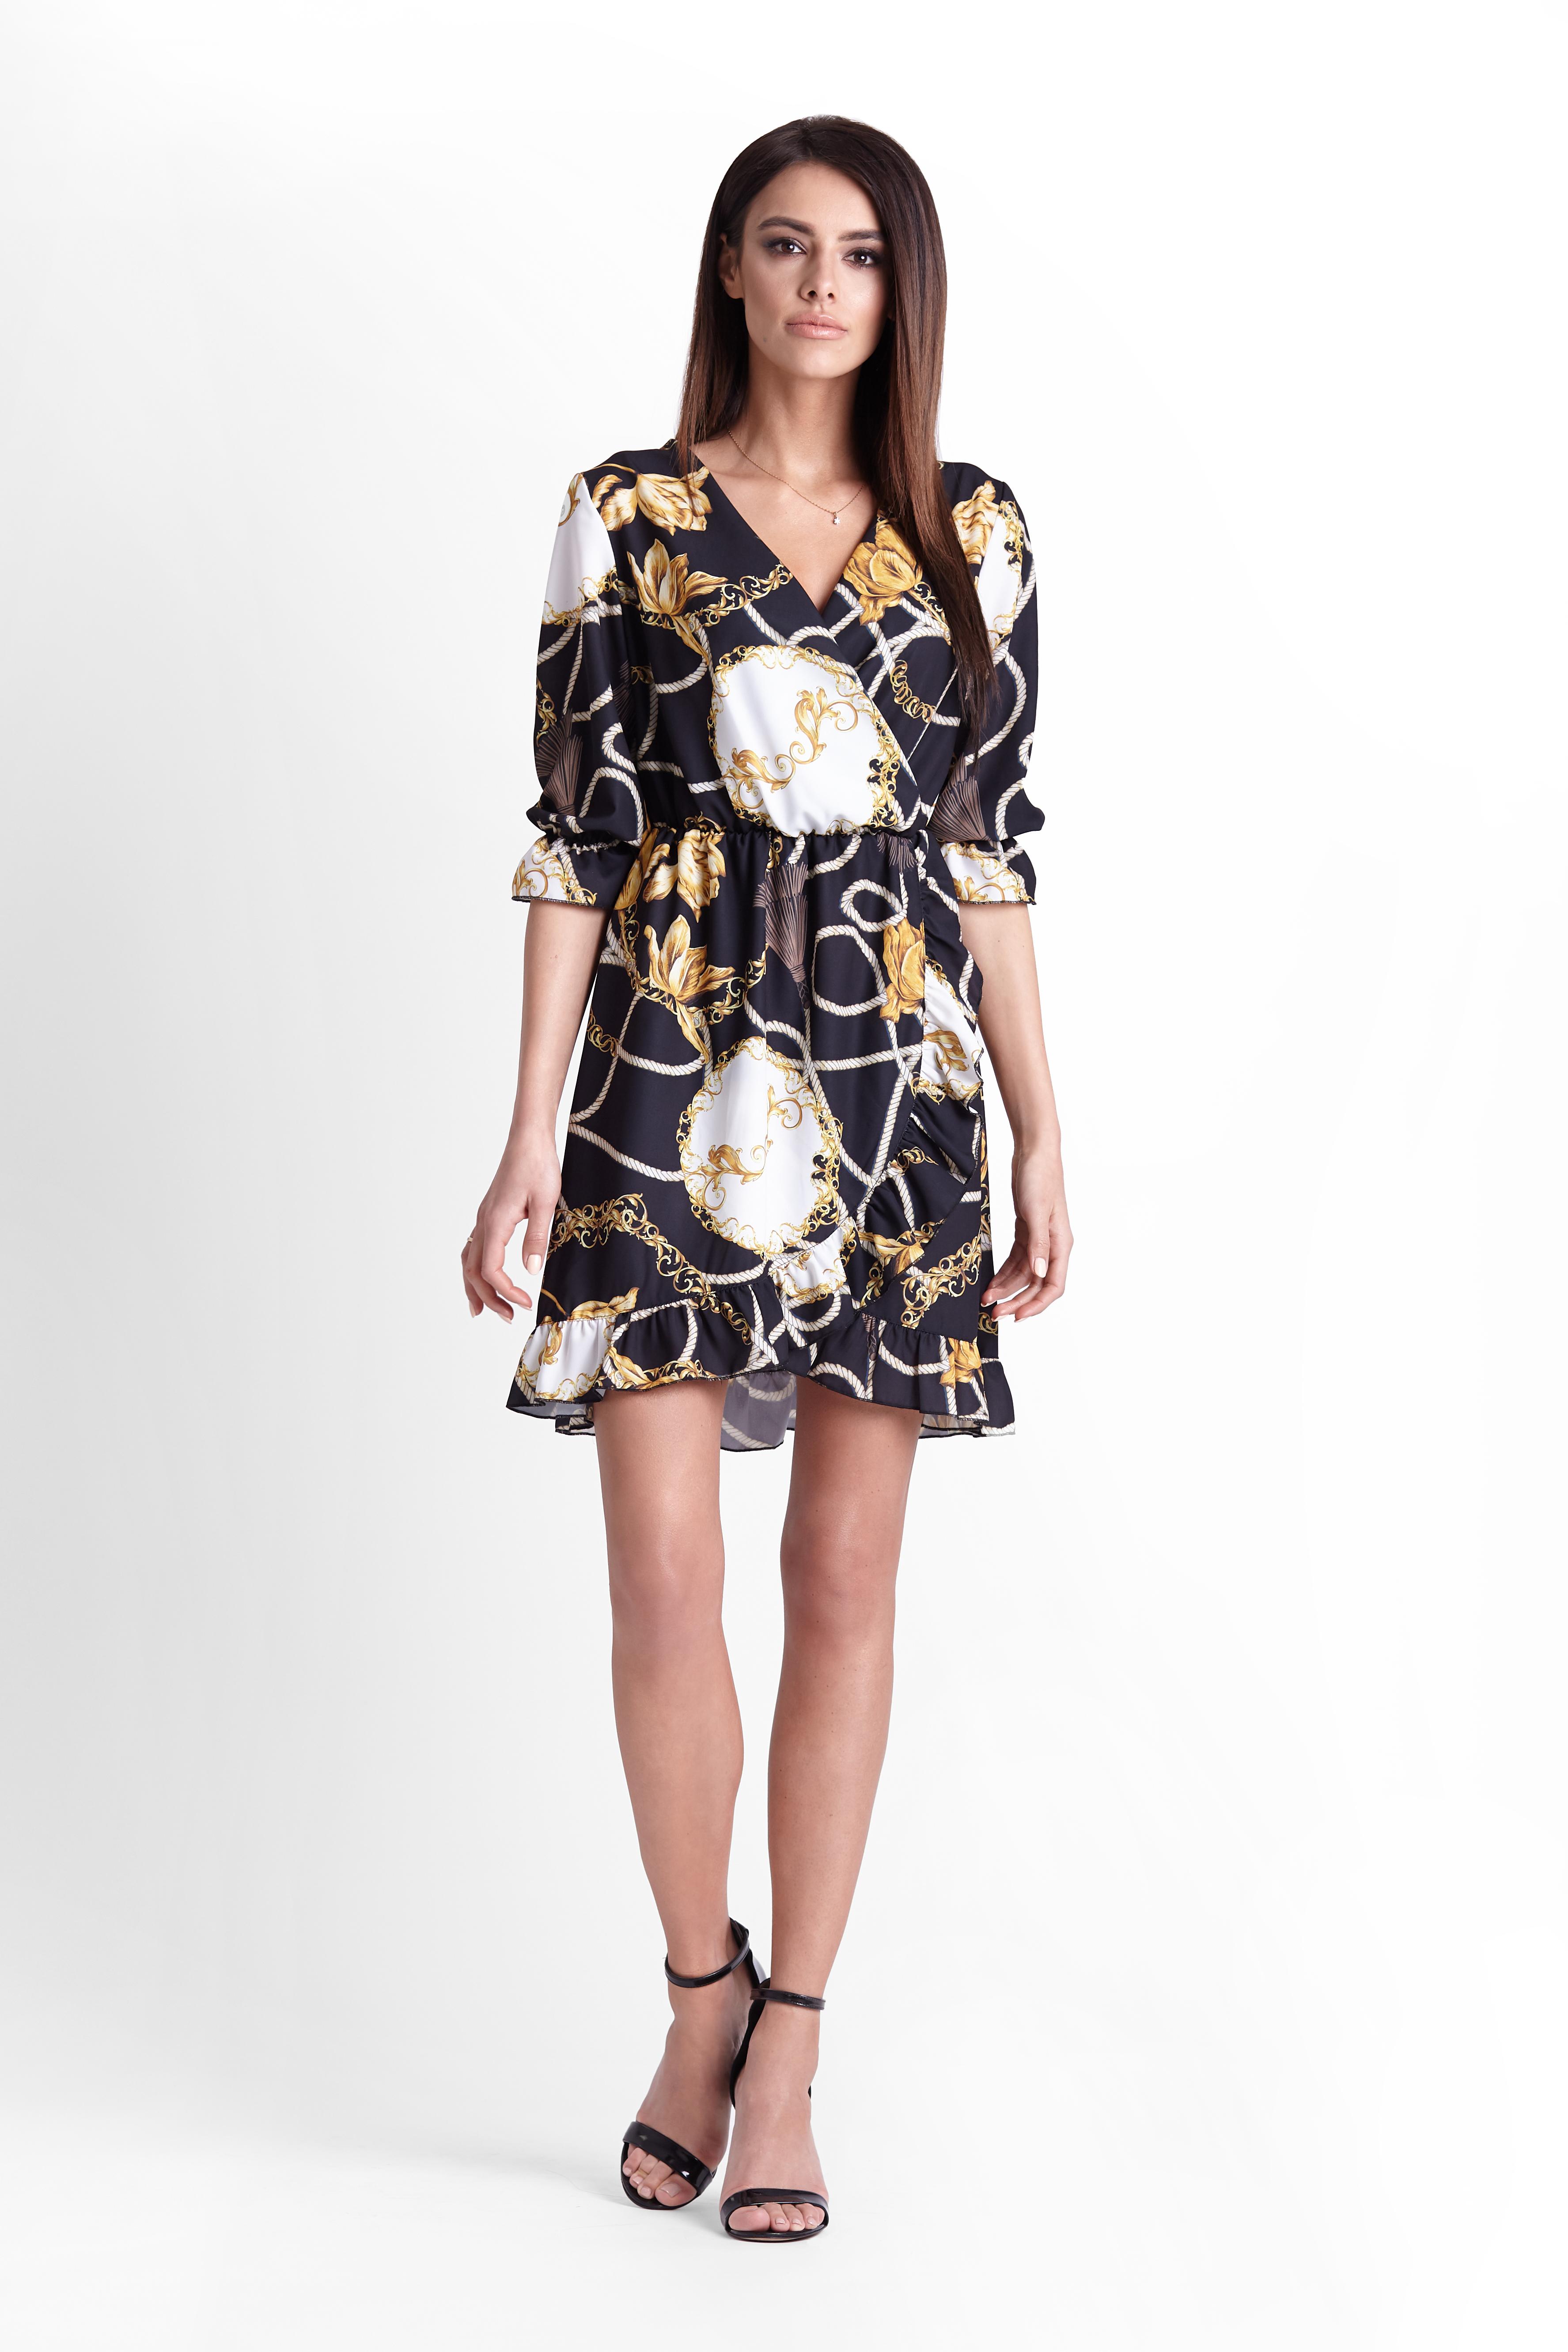 8670ffa981 polskie sukienki » e-margeritka.pl